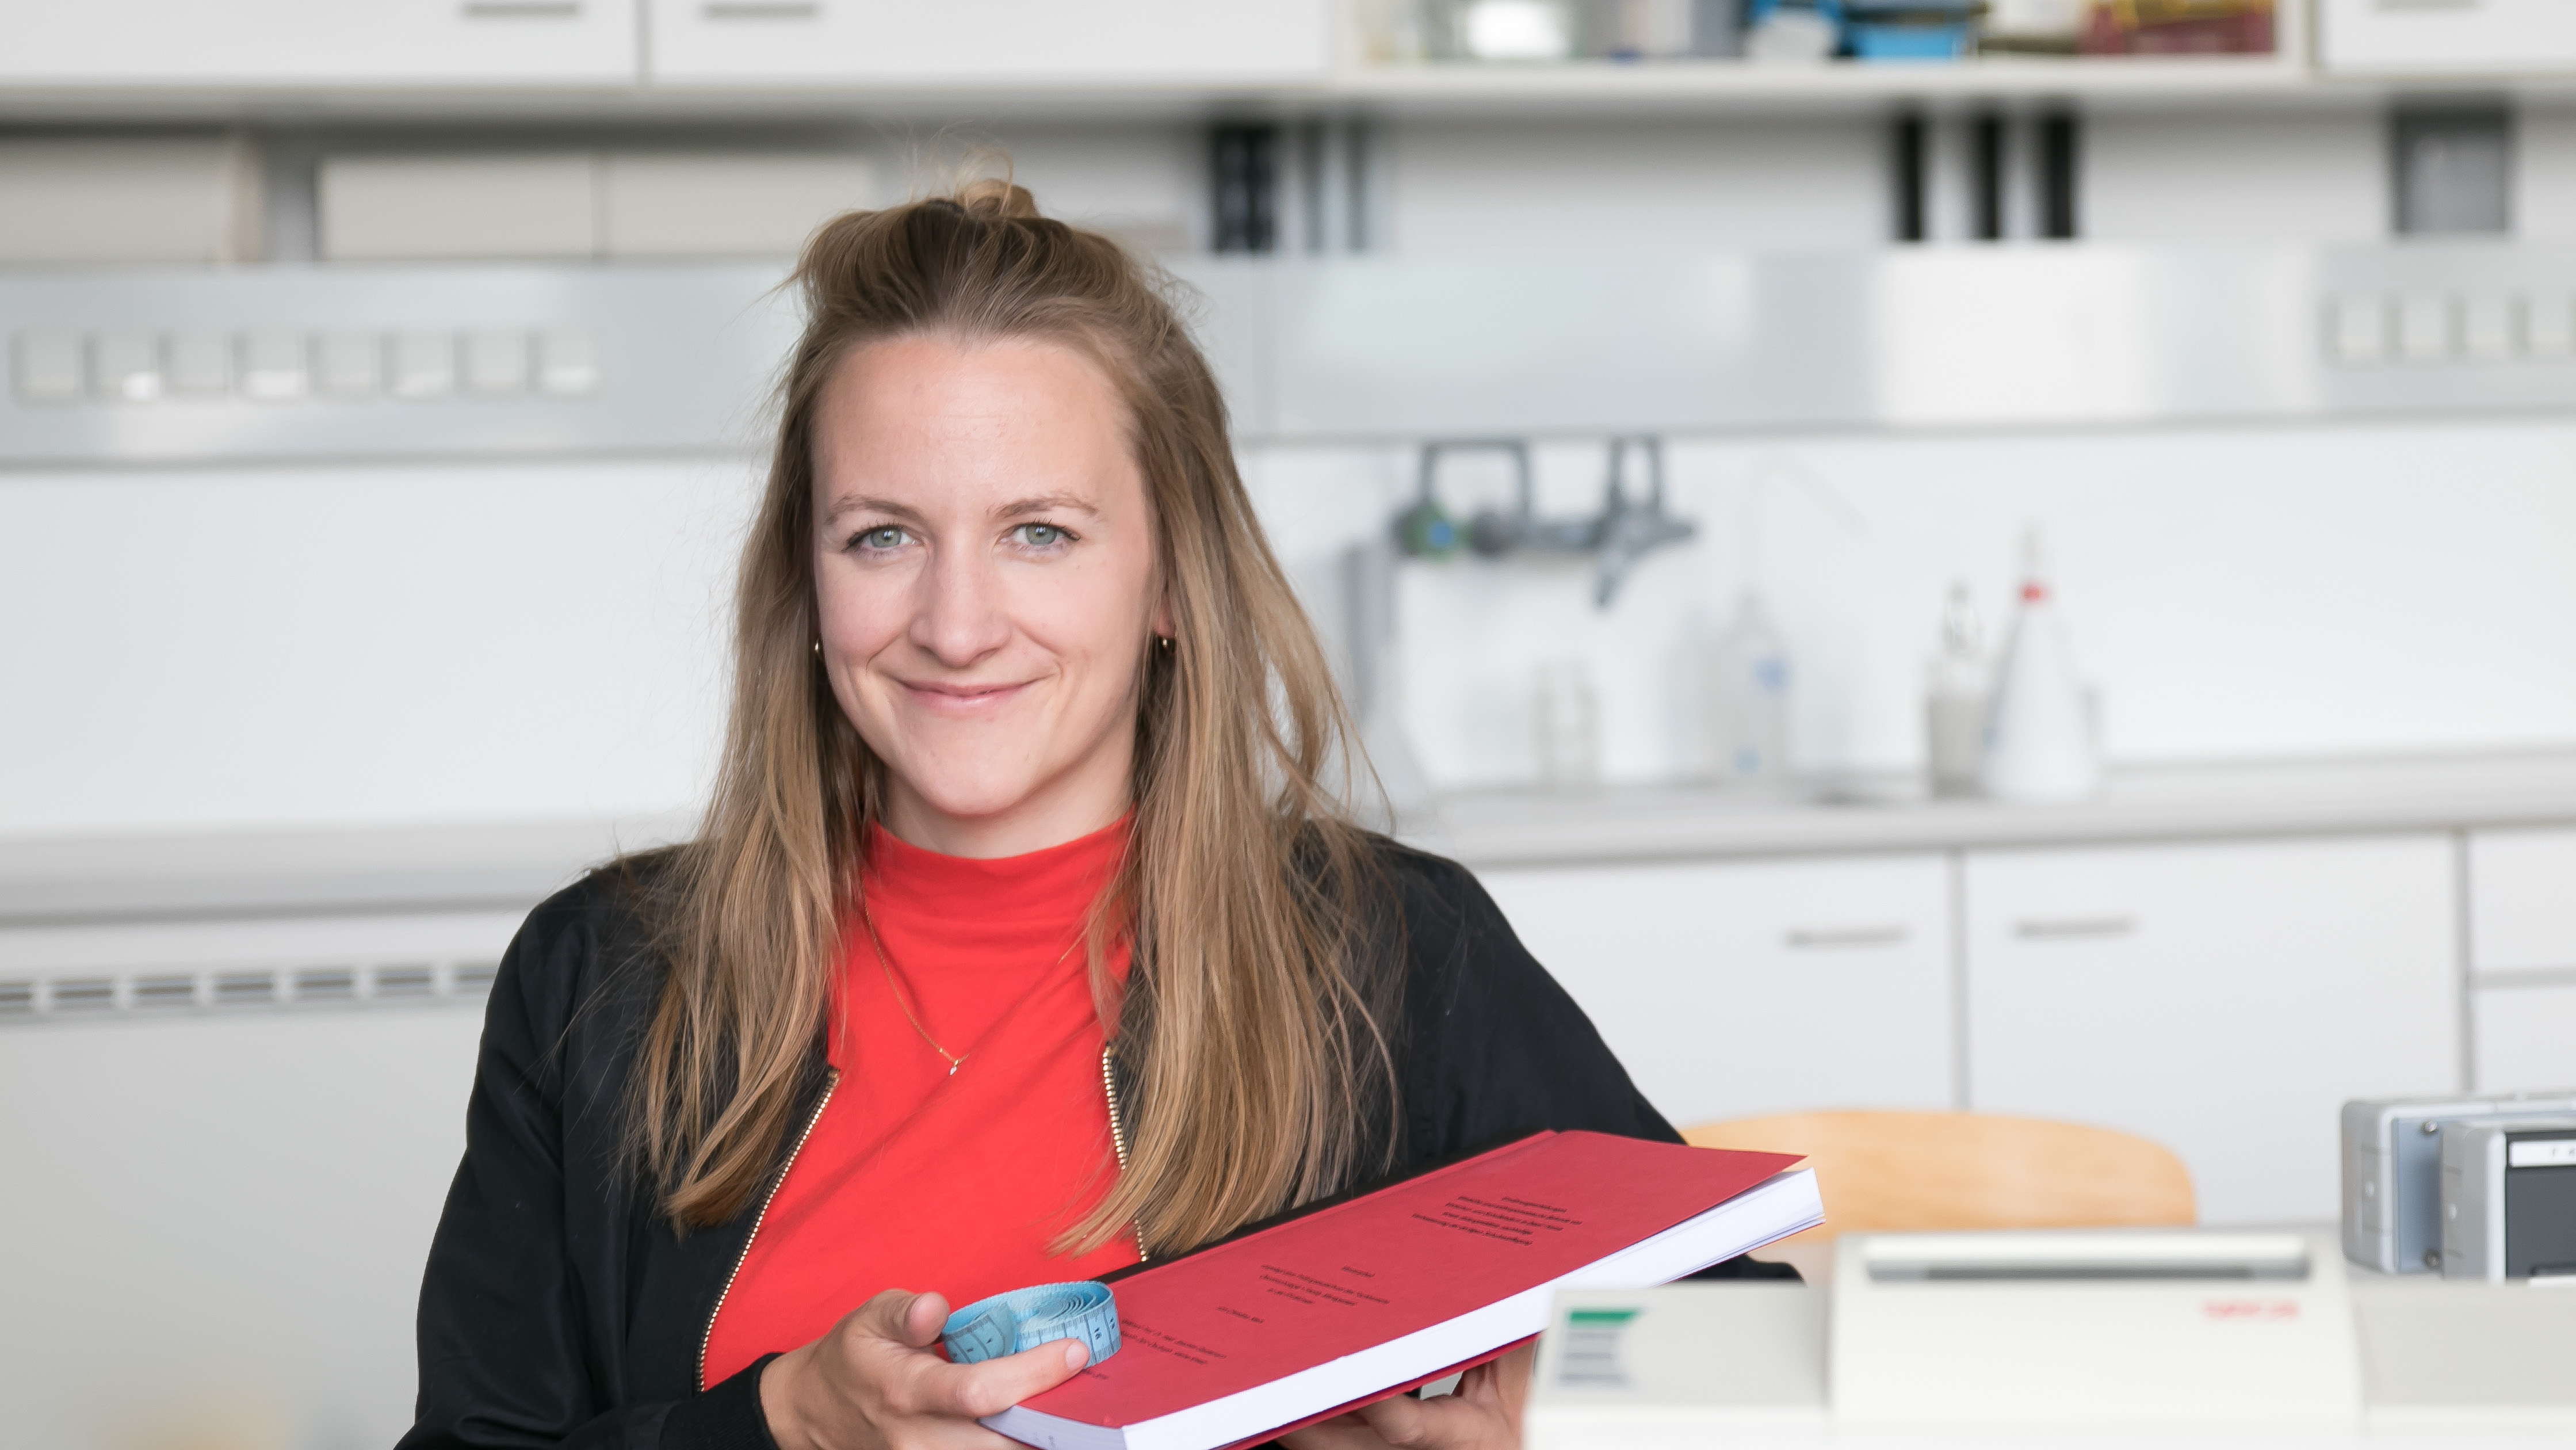 Christina Niers im Labor für Ernährungsmedizin am Fachbereich Oecotrophologie – Facility Management der FH Münster